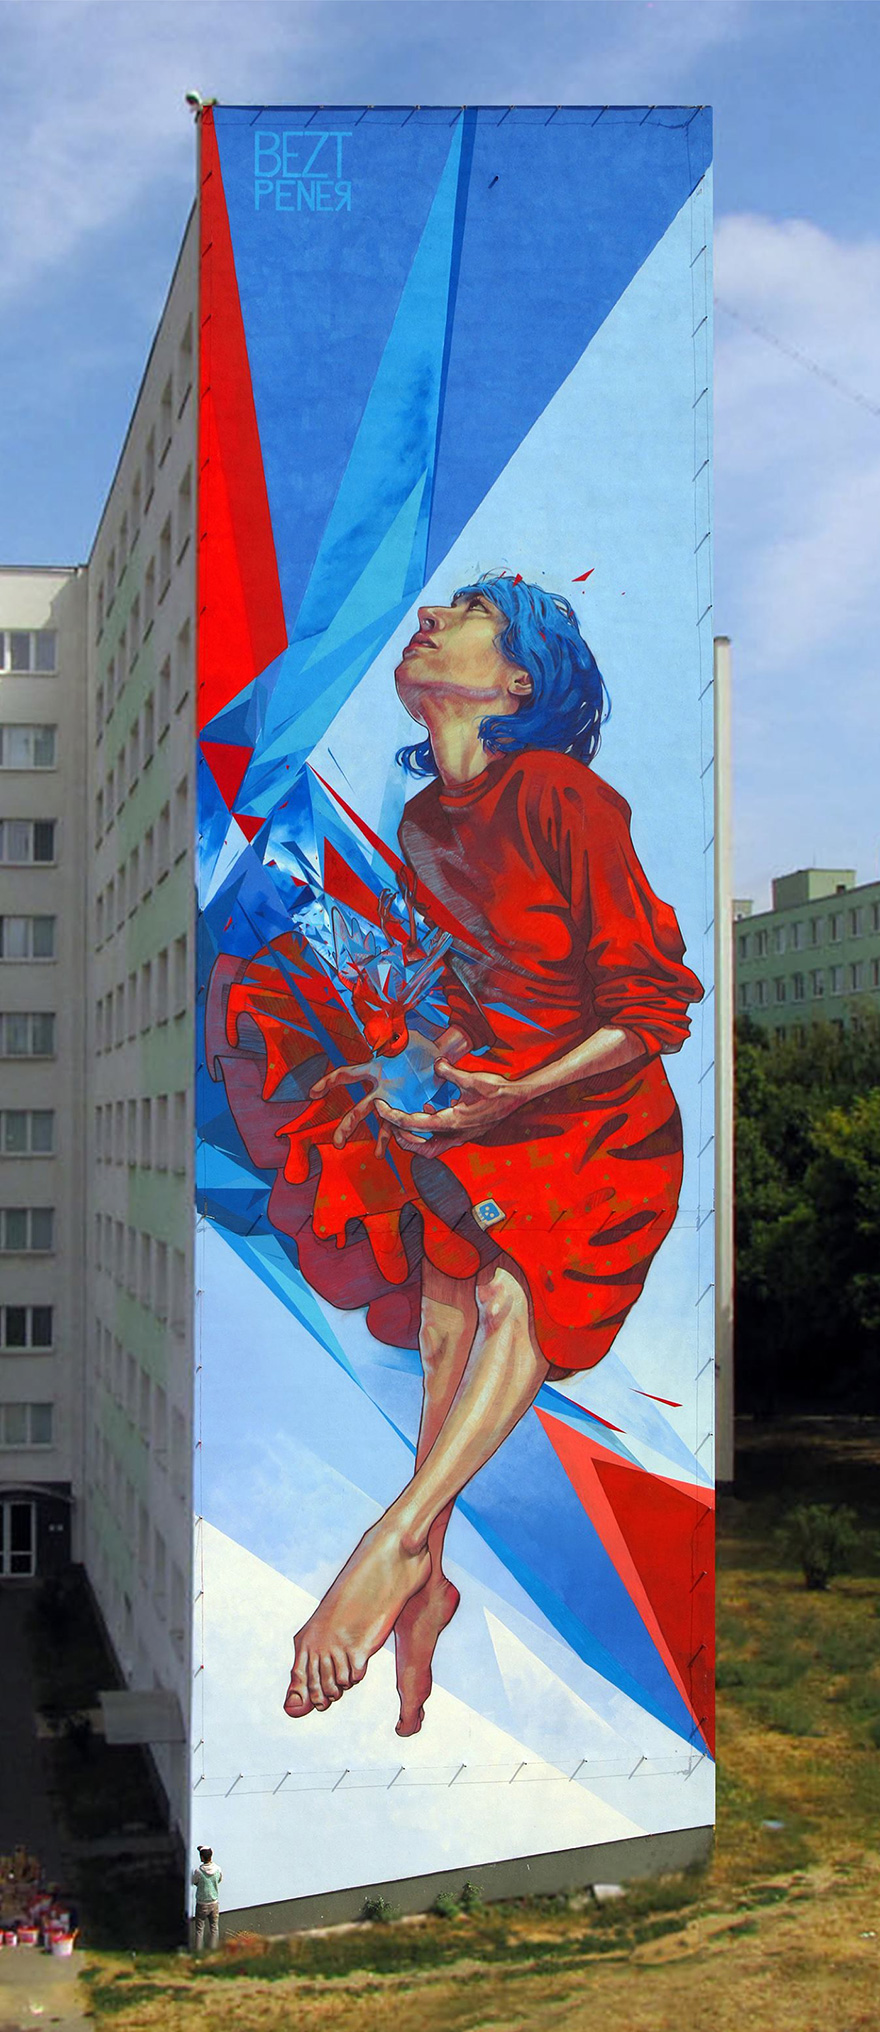 Da noiosi palazzi a straordinarie opere d 39 arte i murali murales di qu - Sculptures metalliques murales ...